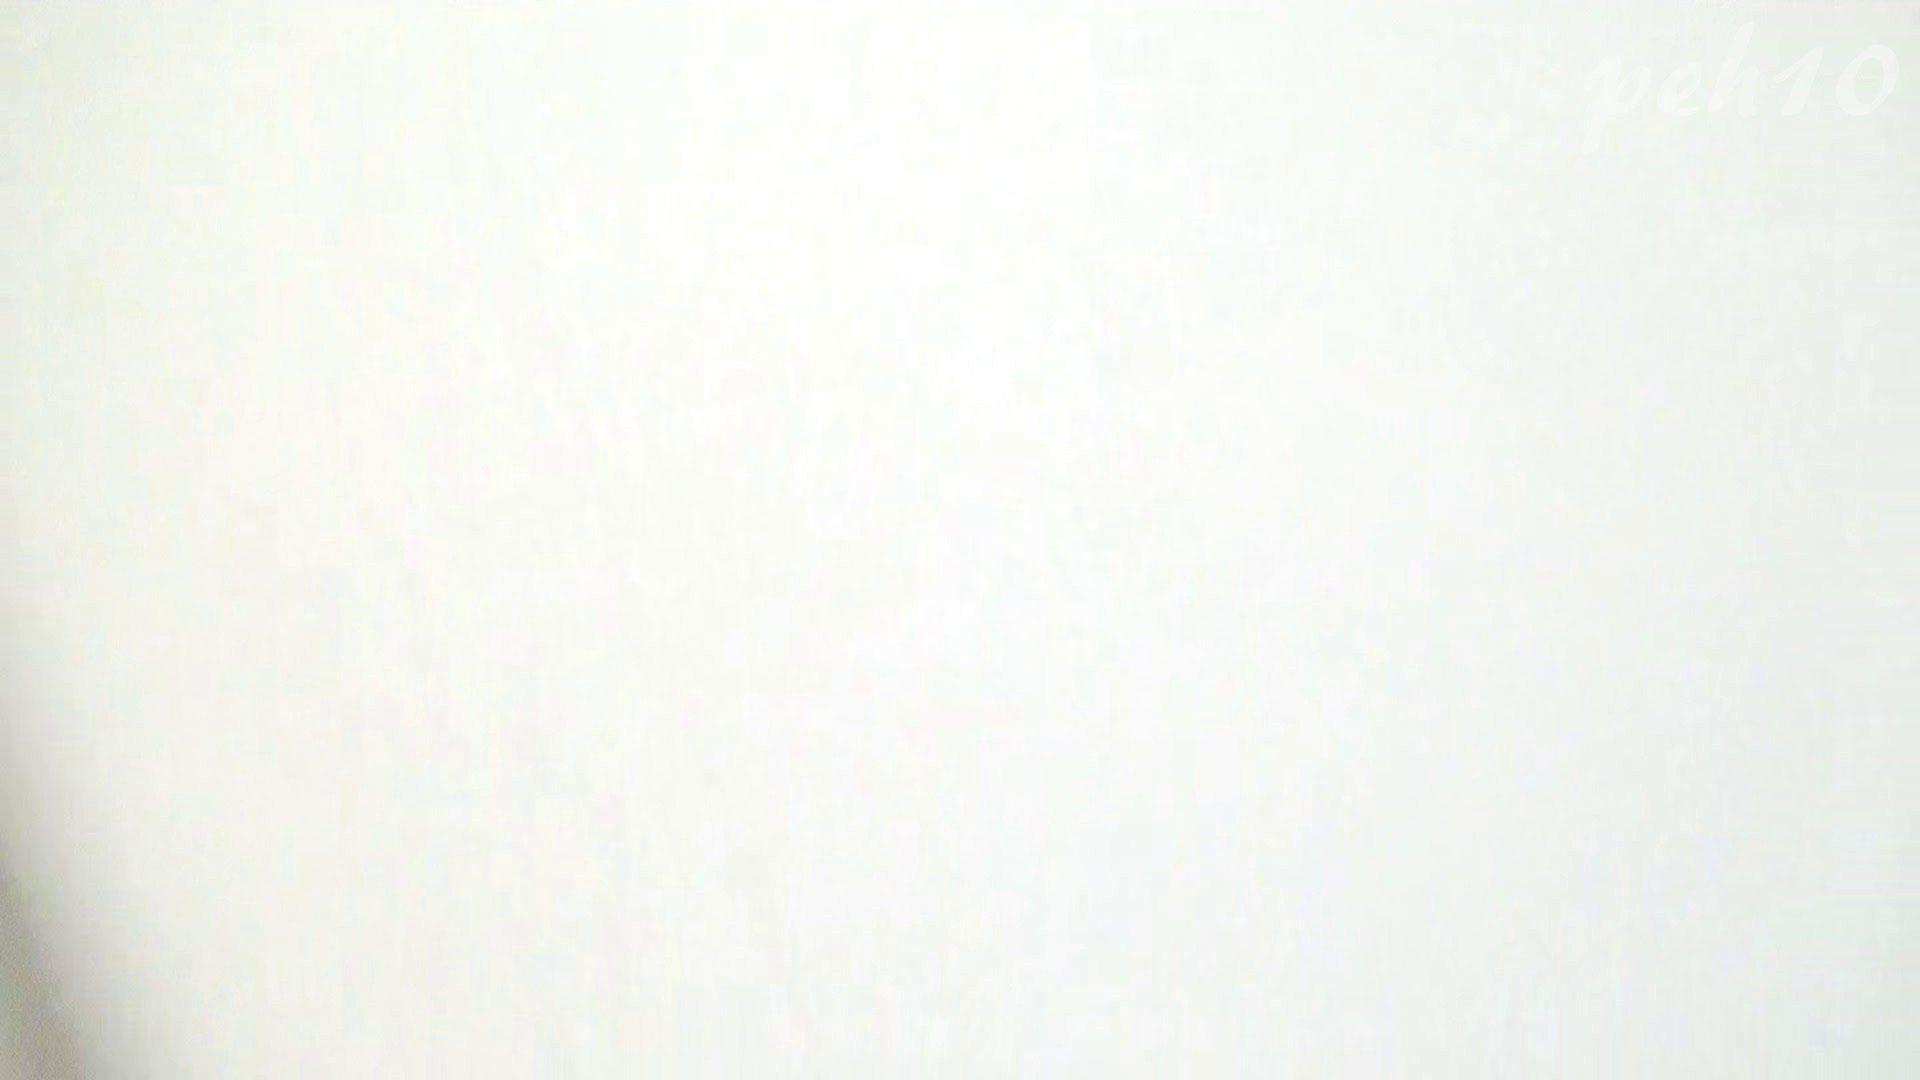 ※100個限定販売 至高下半身盗撮 プレミアム Vol.10 ハイビジョン 盗撮エロすぎ   OL  67連発 35